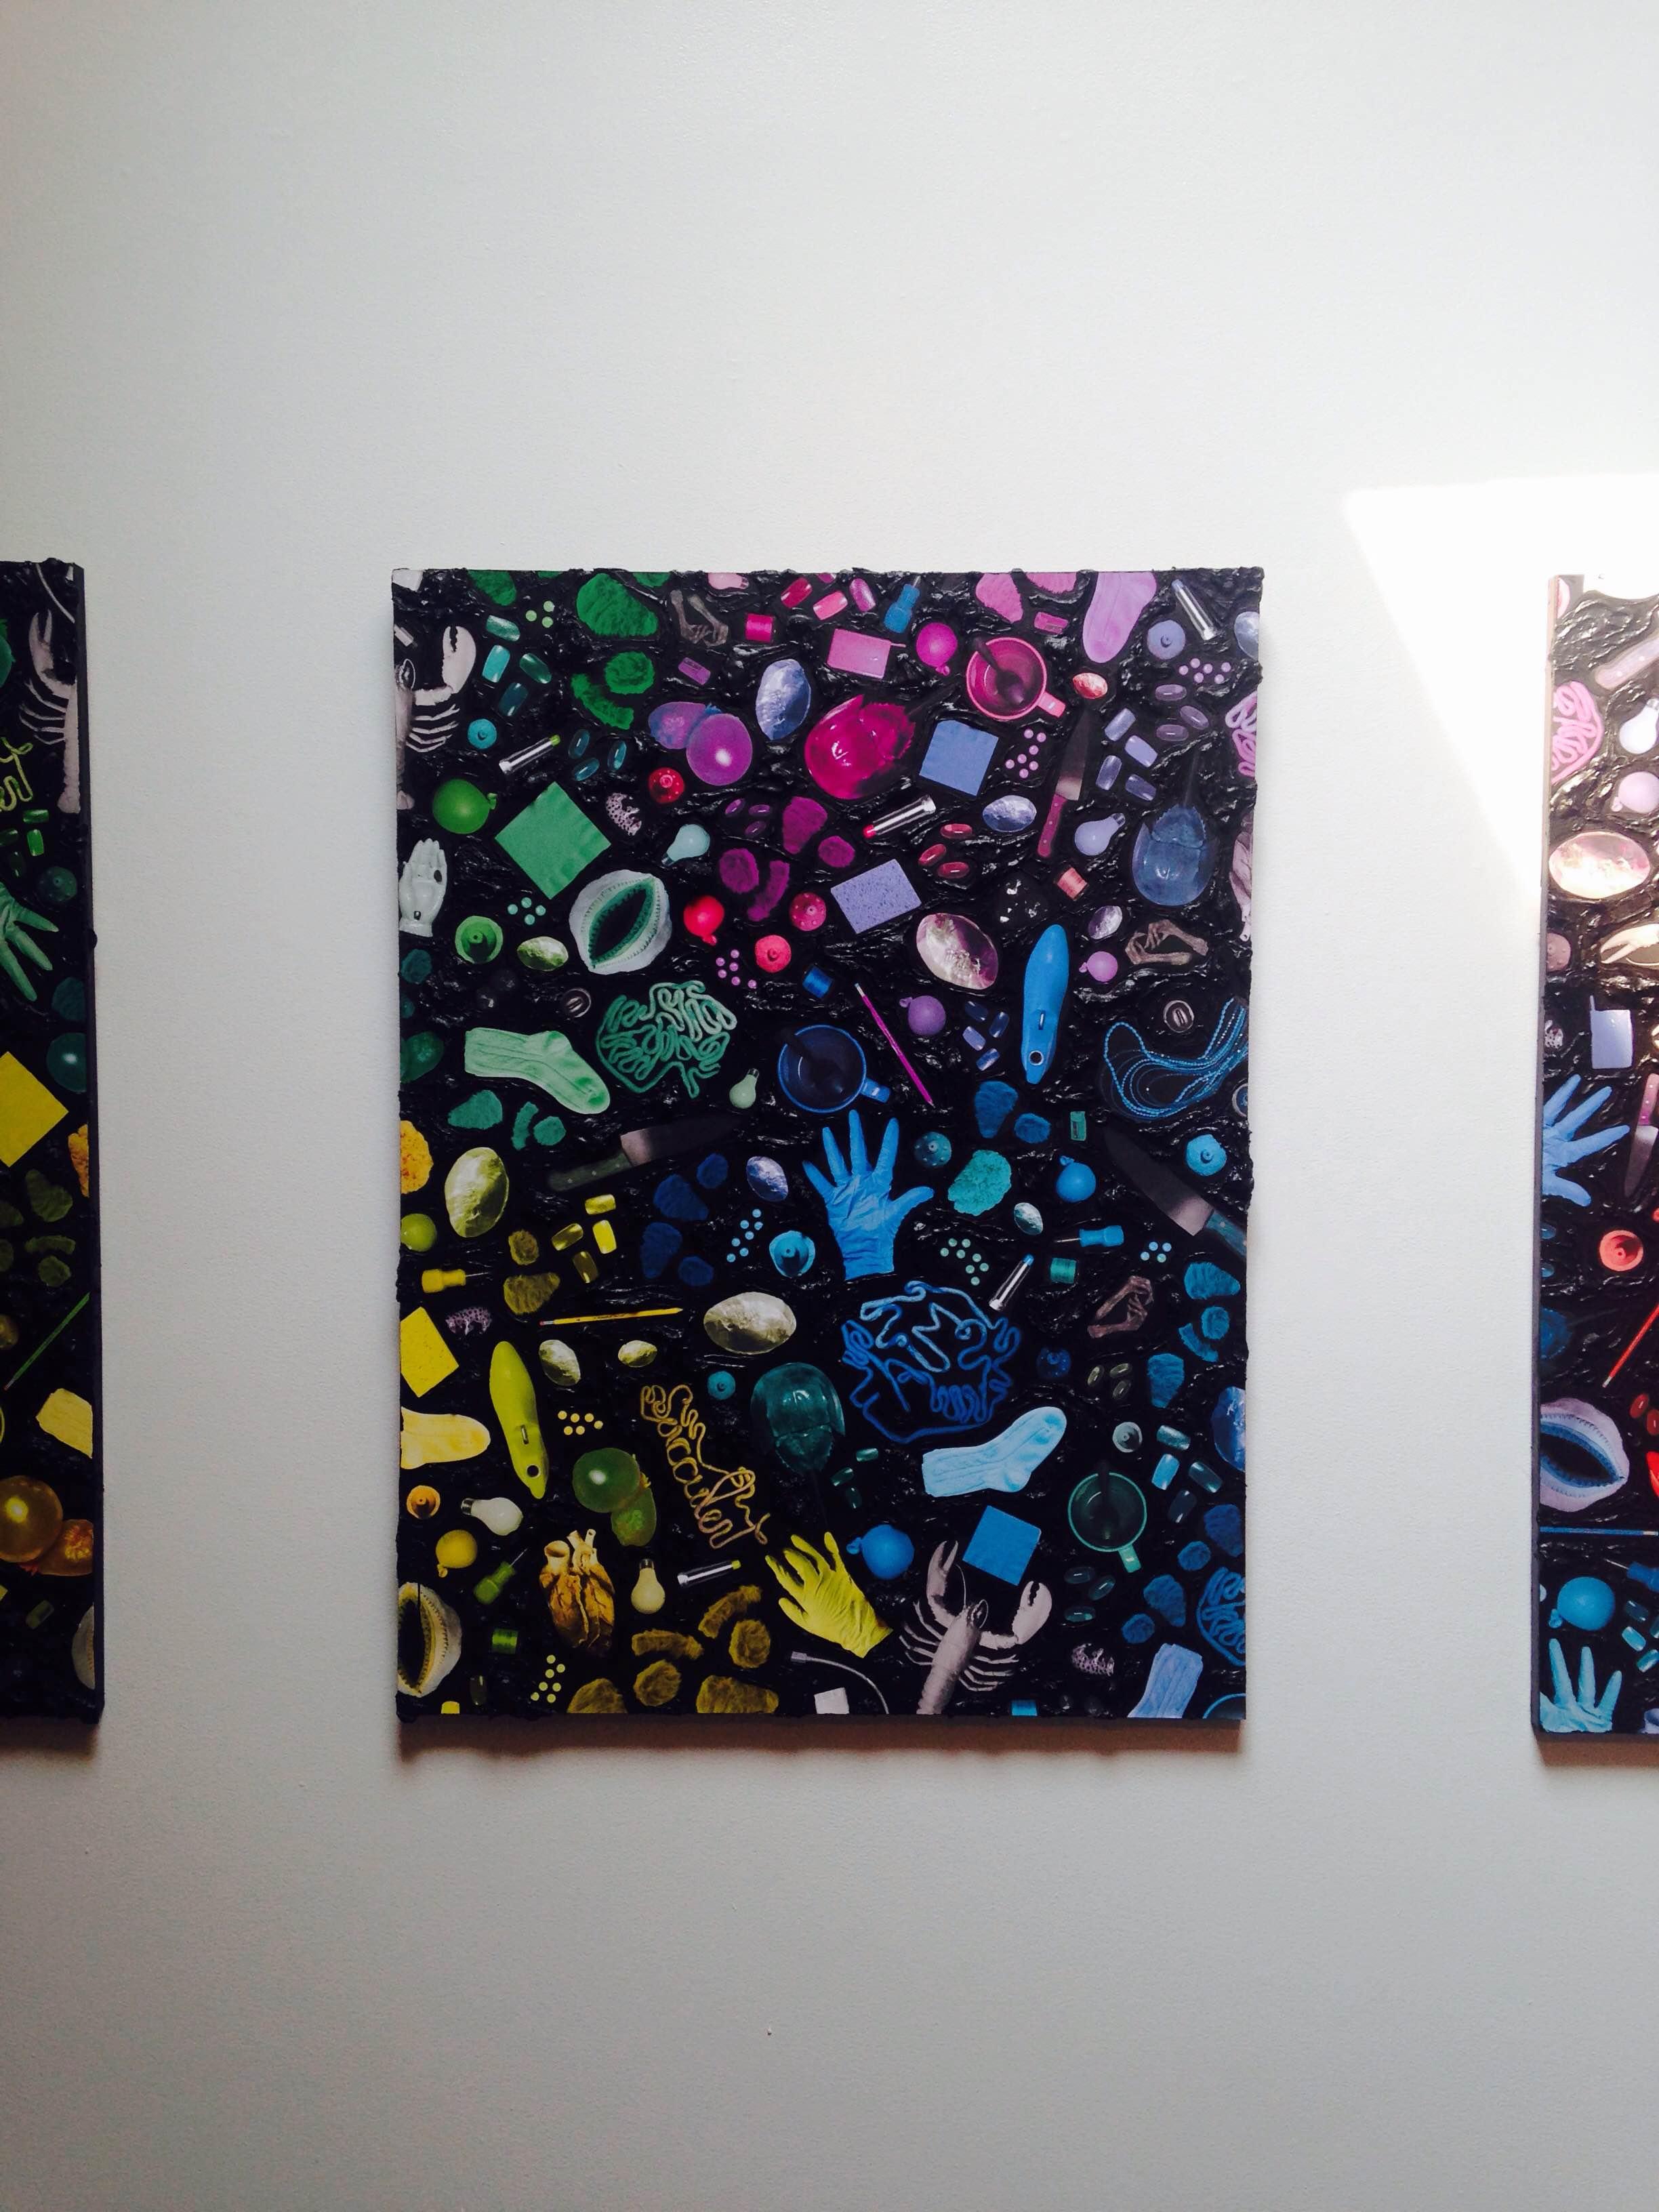 Works by Frances Mckenzie